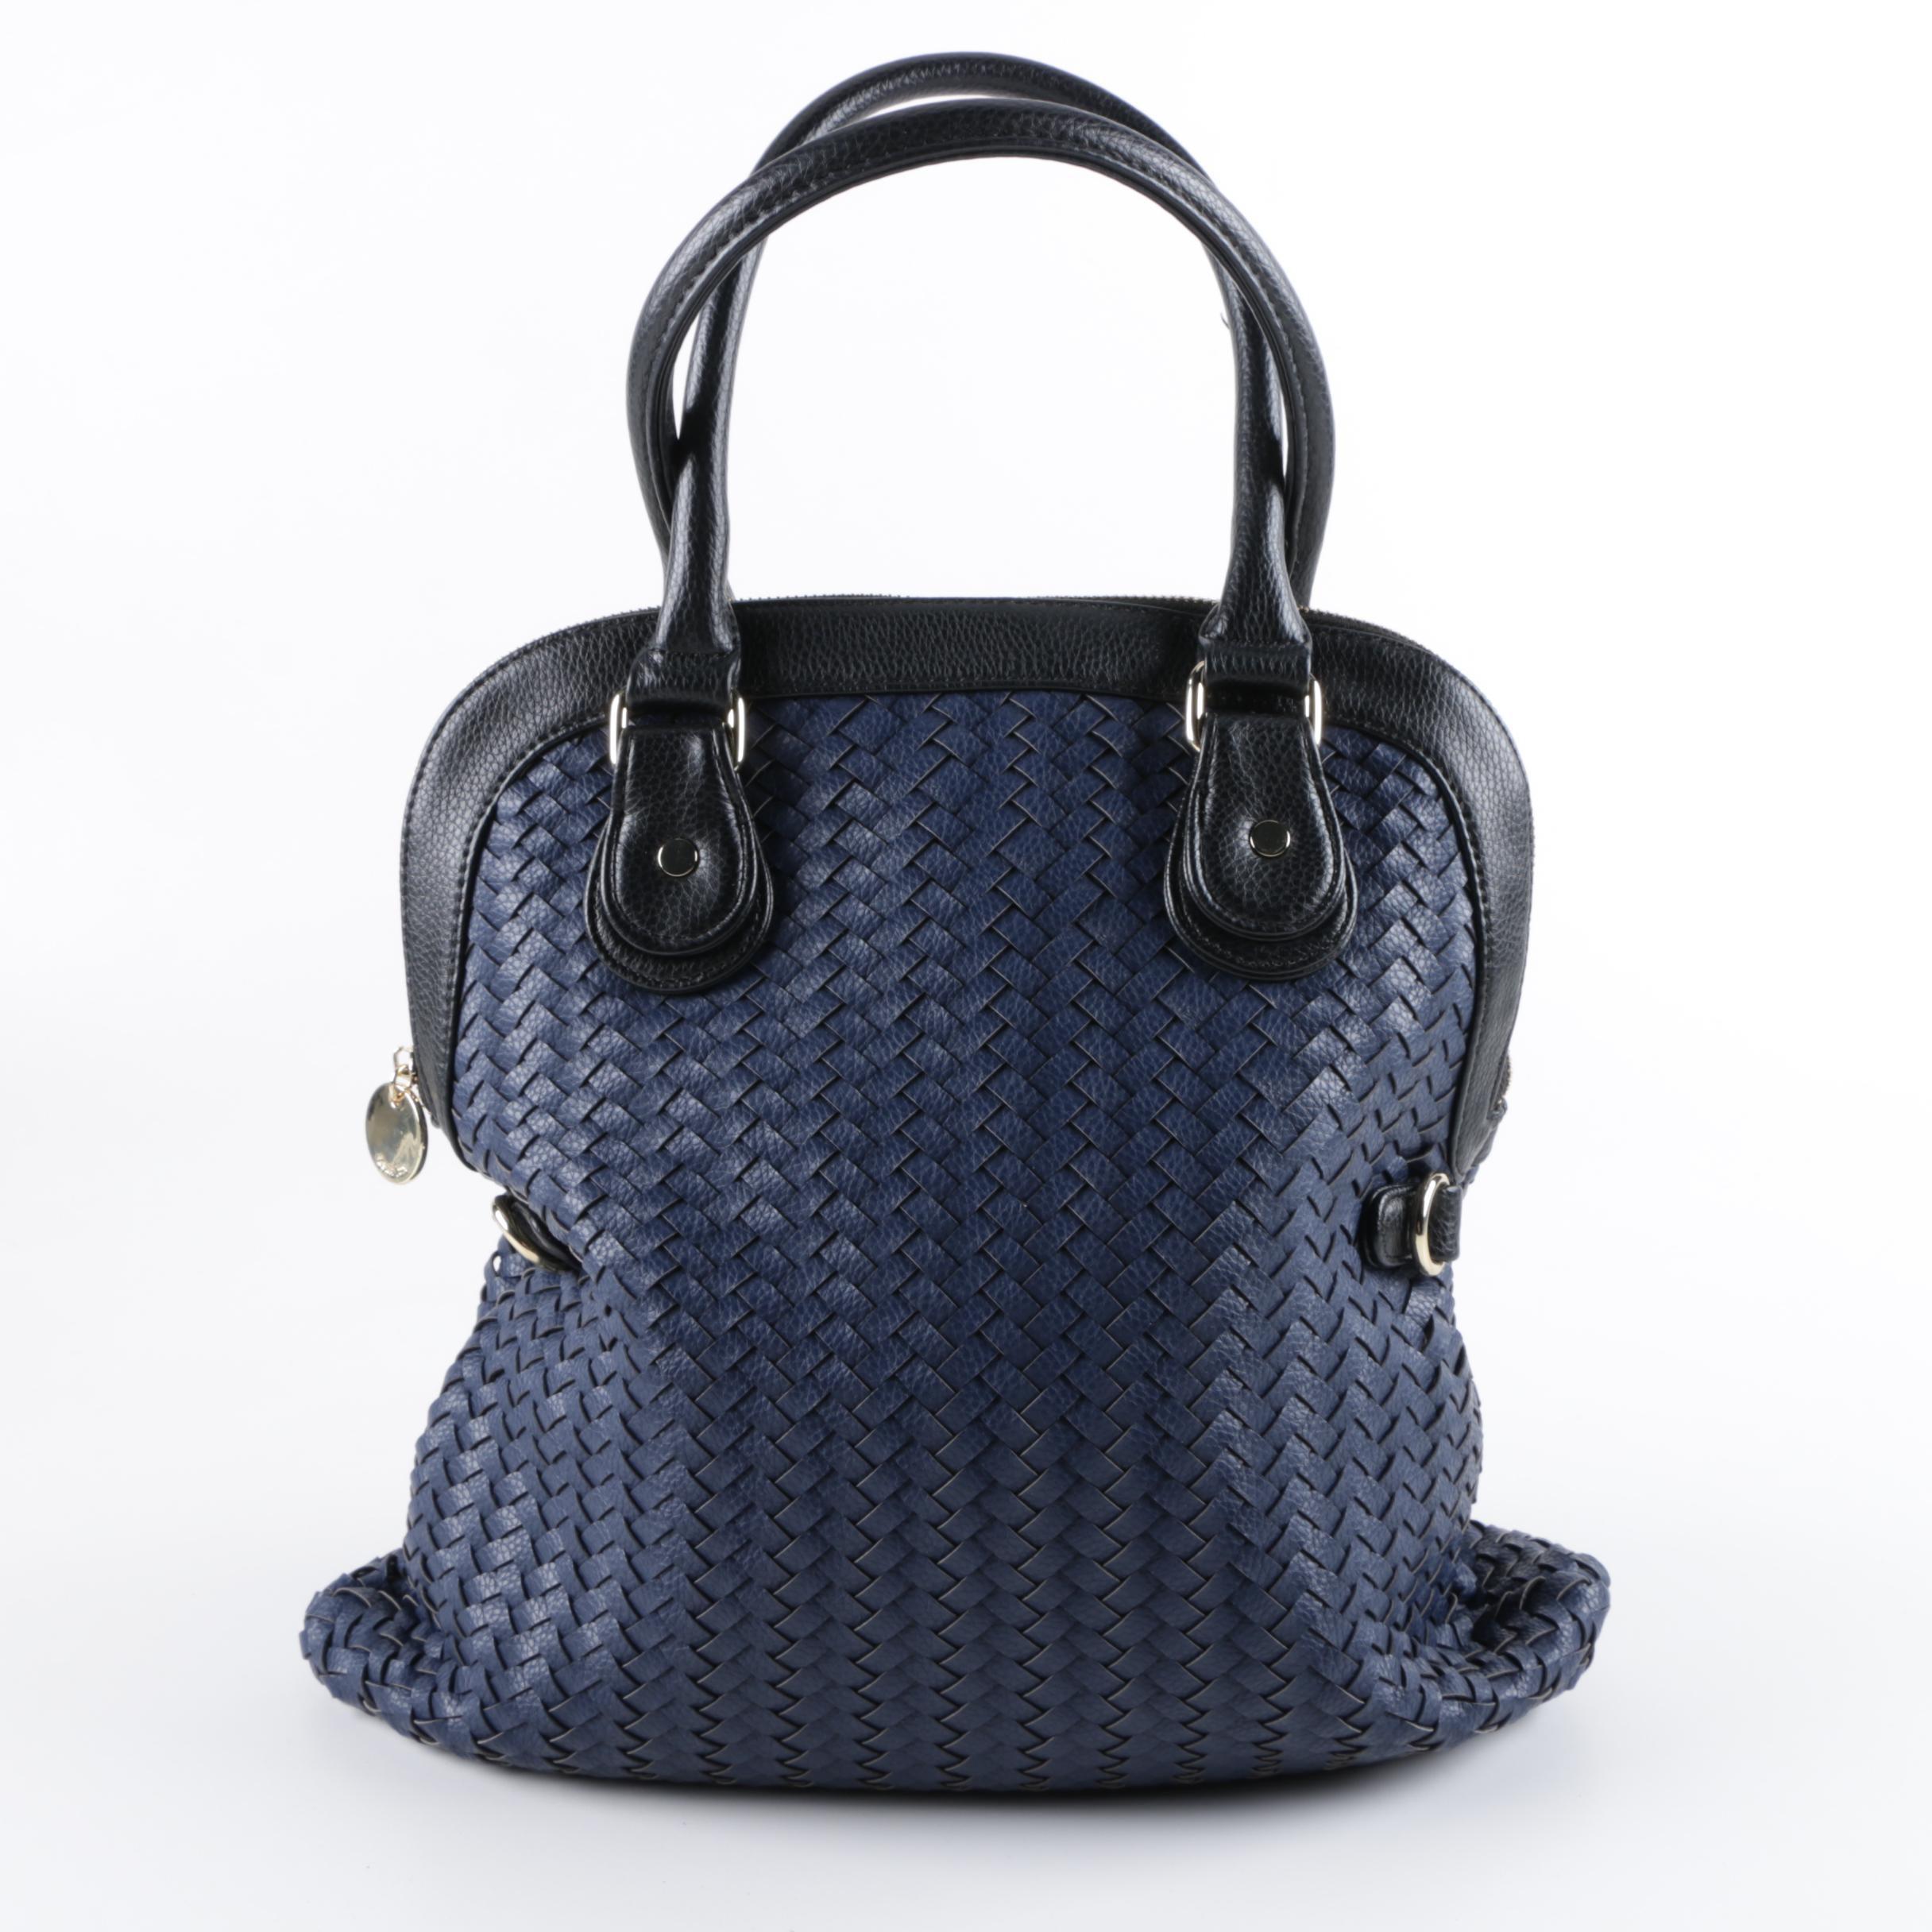 Deux Lux Blue Woven Leather Handbag Ebth